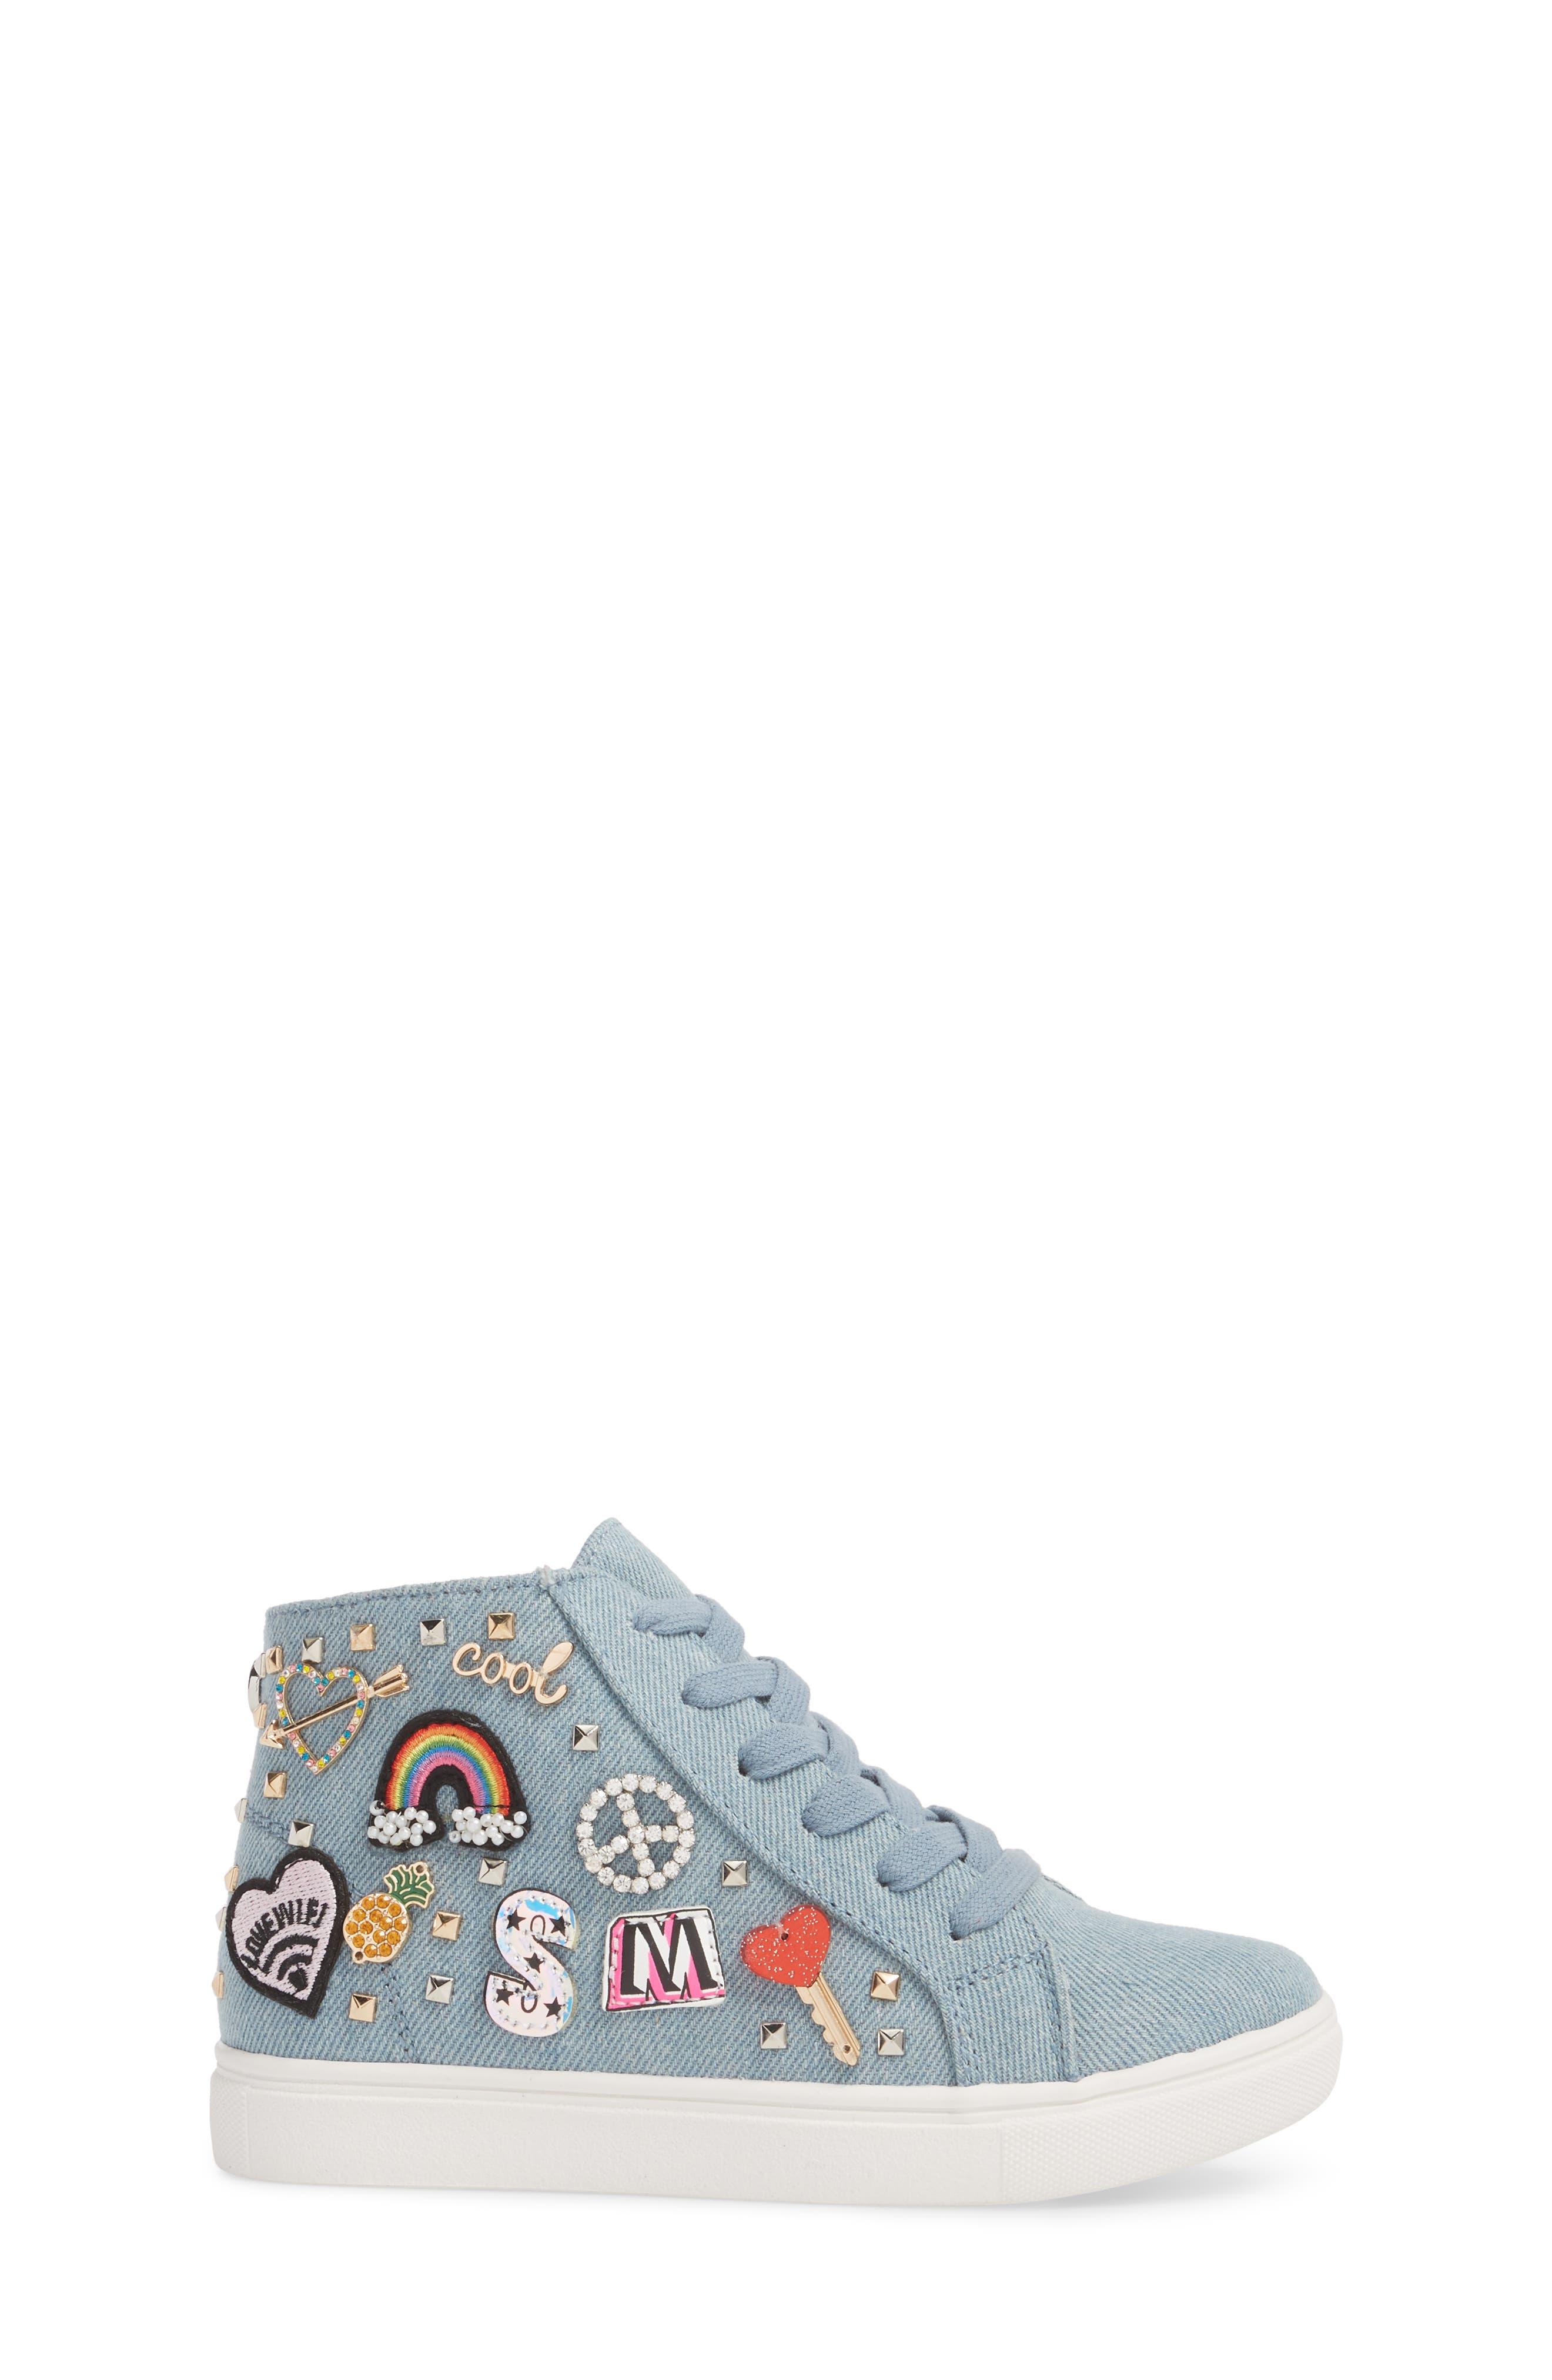 JKOOKIE High Top Sneaker,                             Alternate thumbnail 3, color,                             Denim